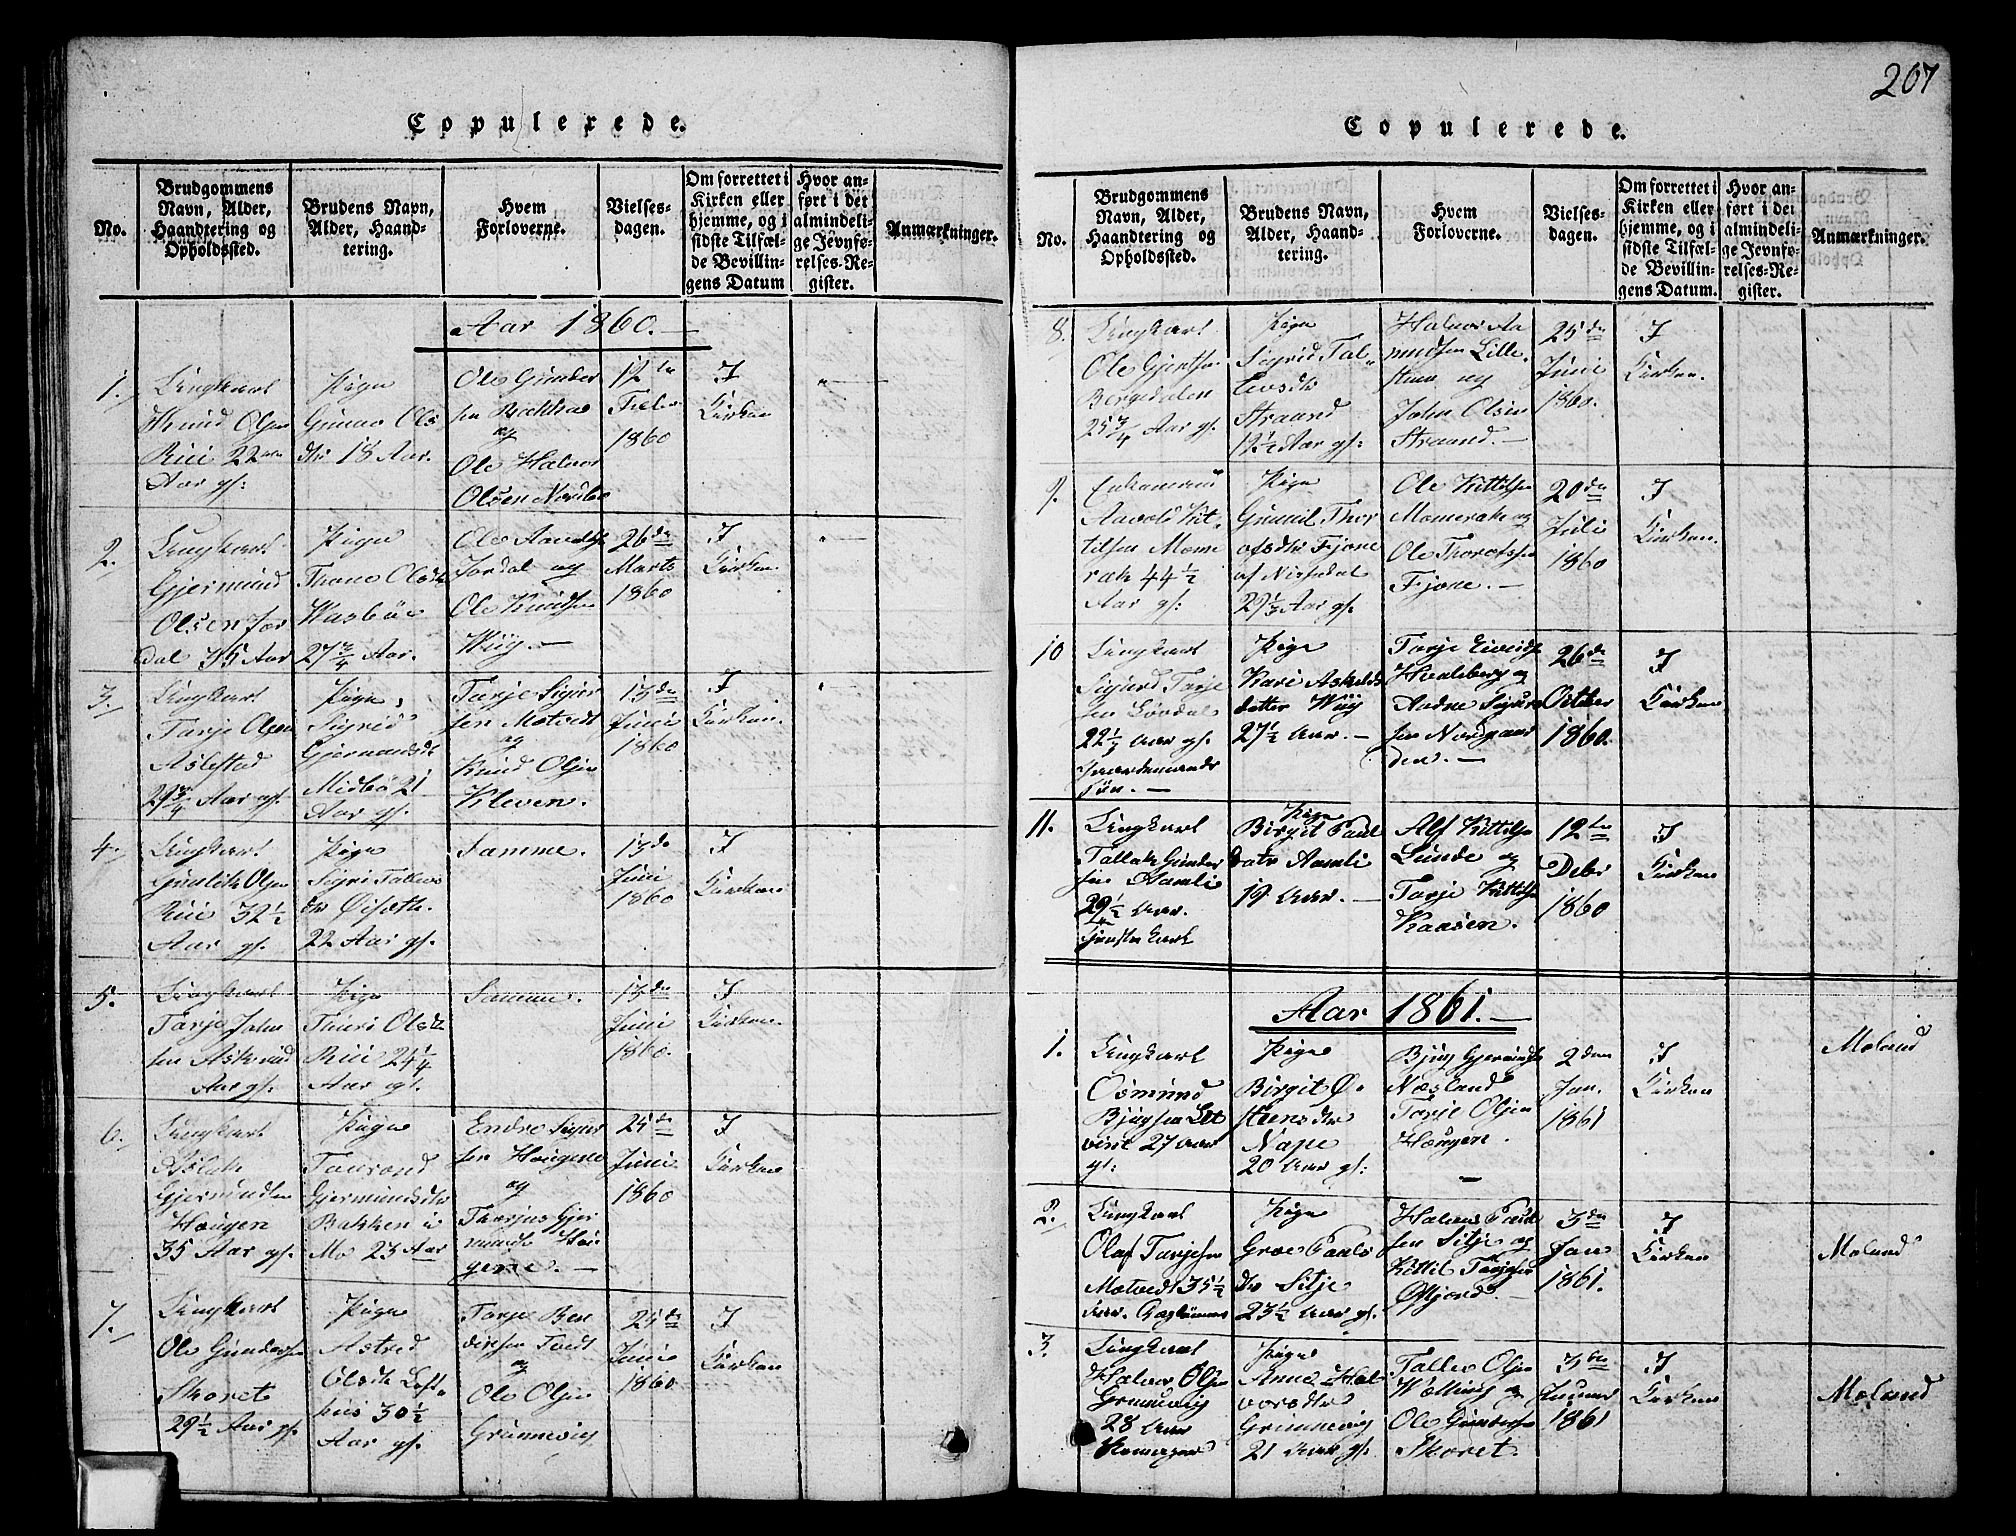 SAKO, Fyresdal kirkebøker, G/Ga/L0003: Klokkerbok nr. I 3, 1815-1863, s. 207